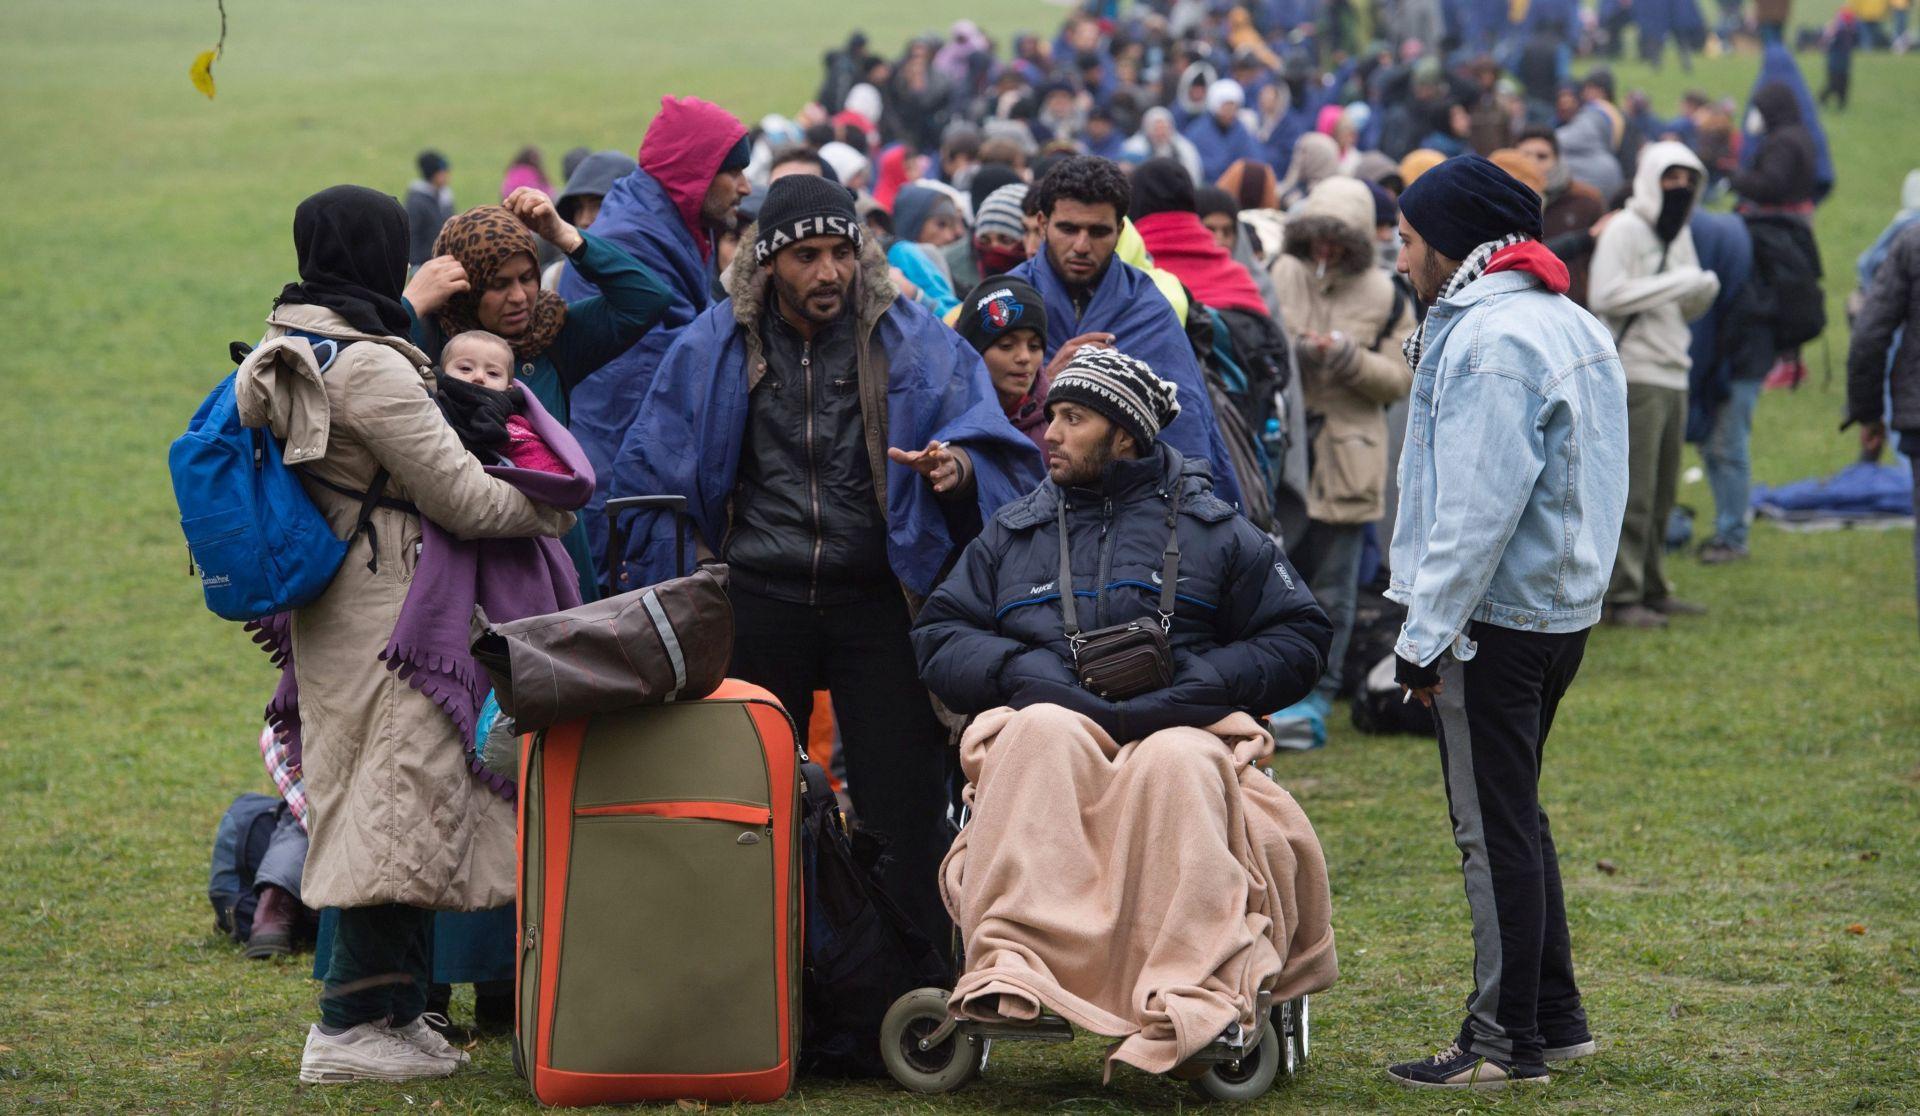 U SLOVENIJI PAD TRENDA DOLASKA IZBJEGLICA Njemačka i Austrija ograničavaju prolaz migranata na pet točaka zajedničke granice